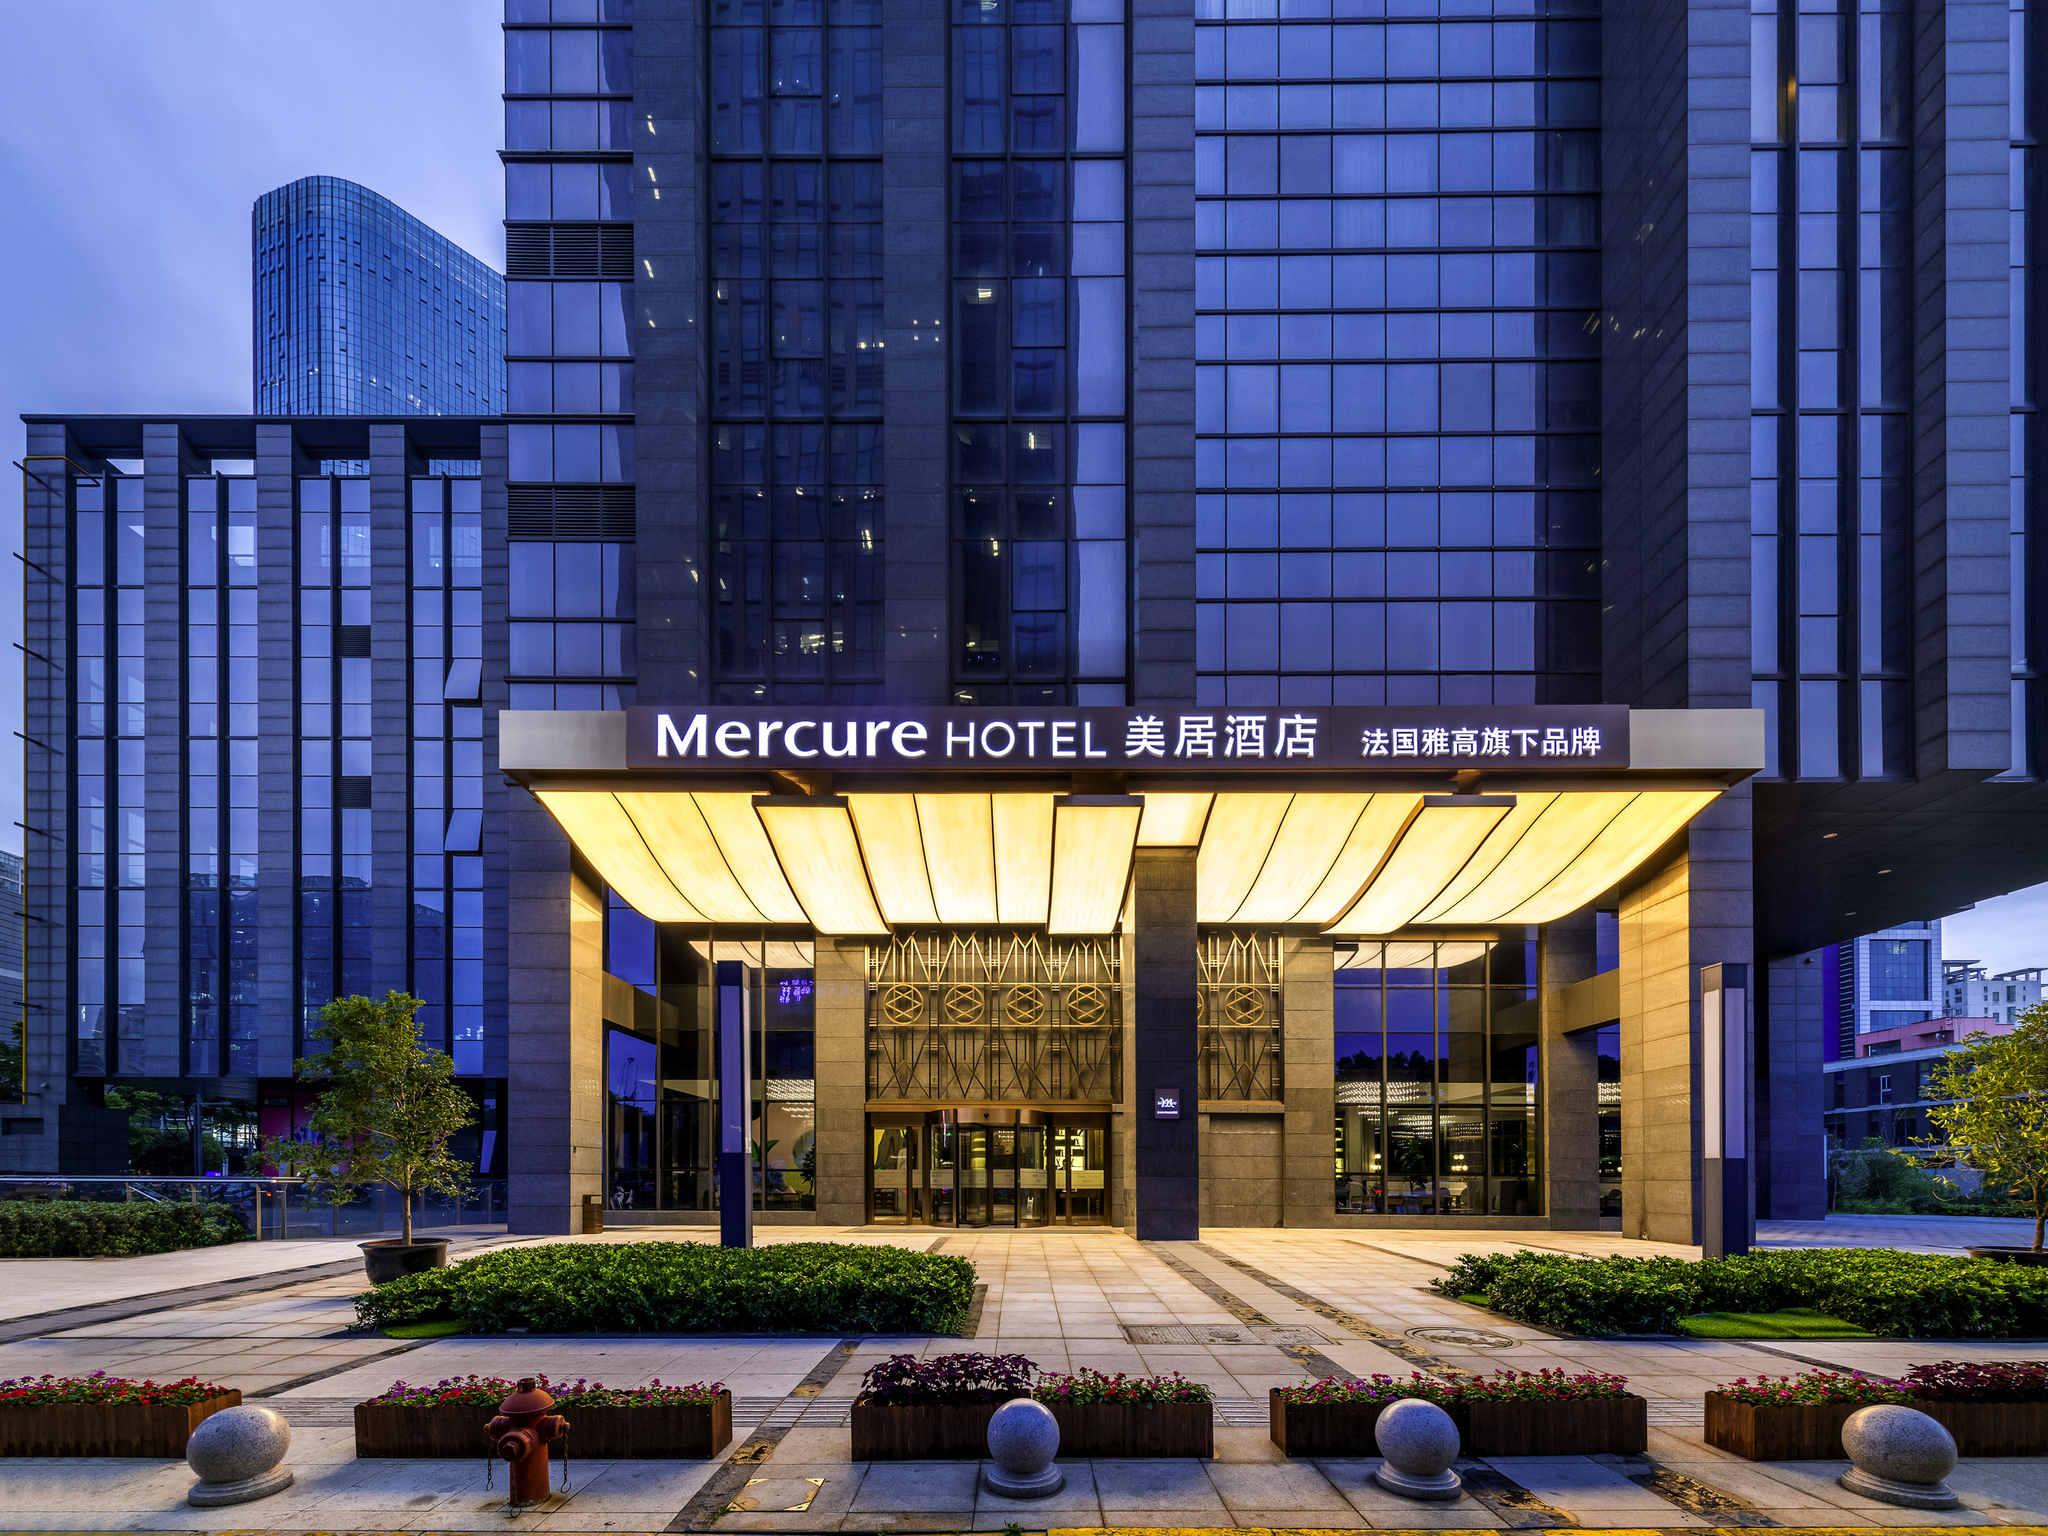 Hotel - Mercure Suzhou Jinji Lake (Opening August 2018)